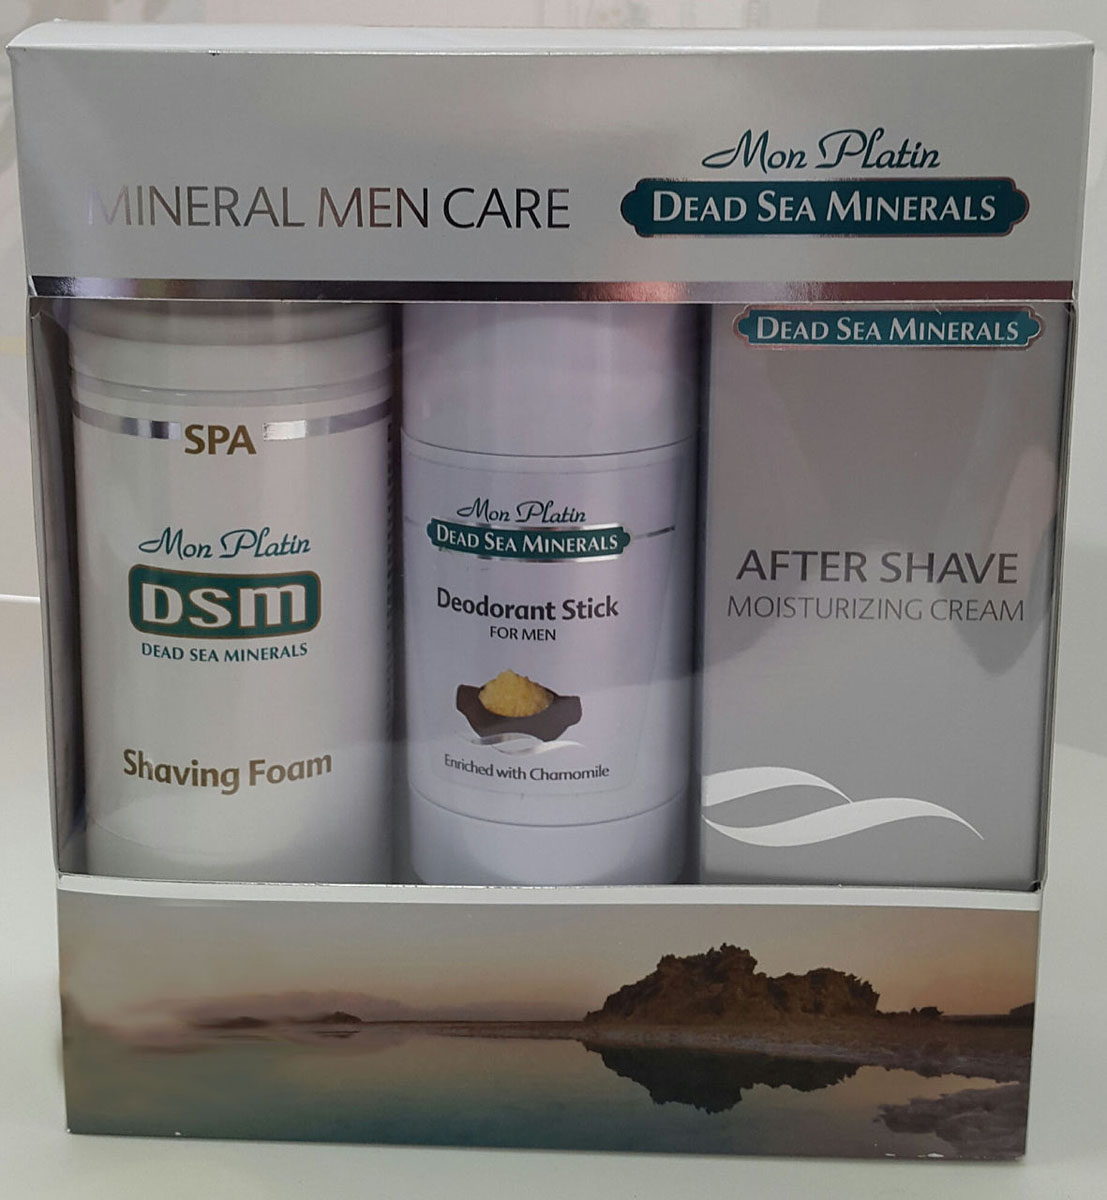 Mon Platin DSM Подарочный набор для мужчин для лица (Увлажняющая эмульсия после бритья 150 мл, Пена для бритья 250 мл, Дезодорант для мужчин 80 мл )1301210Подарочный набор для мужчин Mon Platin серии Dead Sea Minerals, включает в себя пену для бритья 250 мл, увлажняющую эмульсию после бритья 150 мл и дезодорант для мужчин 80 мл.Пена для бритья обеспечивает легкий и качественный процесс бритья, надолго сохраняя кожу лица гладкой и чистой. Пена не вызывает раздражения и аллергии. Пена насыщена Минералами (26 минералов) и солью Мертвого моря, что благоприятно влияет на питание и увлажнение кожи, обладает омолаживающим и регенерирующим эффектом.Увлажняющая эмульсия после бритья отличается деликатным воздействием: она смягчает, расслабляет кожу и предотвращает появление раздражения на ней. Бальзам после бритья прекрасно подходит для ежедневного применения.Дезодорант для мужчин эффективно нейтрализует неприятные запахи, не забивает поры, создает ощущение свежести в течение всего дня, не оставляет следов на одежде. Обладает приятным терпким ароматом. Содержит минералы и соль Мертвого моря, что благоприятно влияет на состояние кожи.